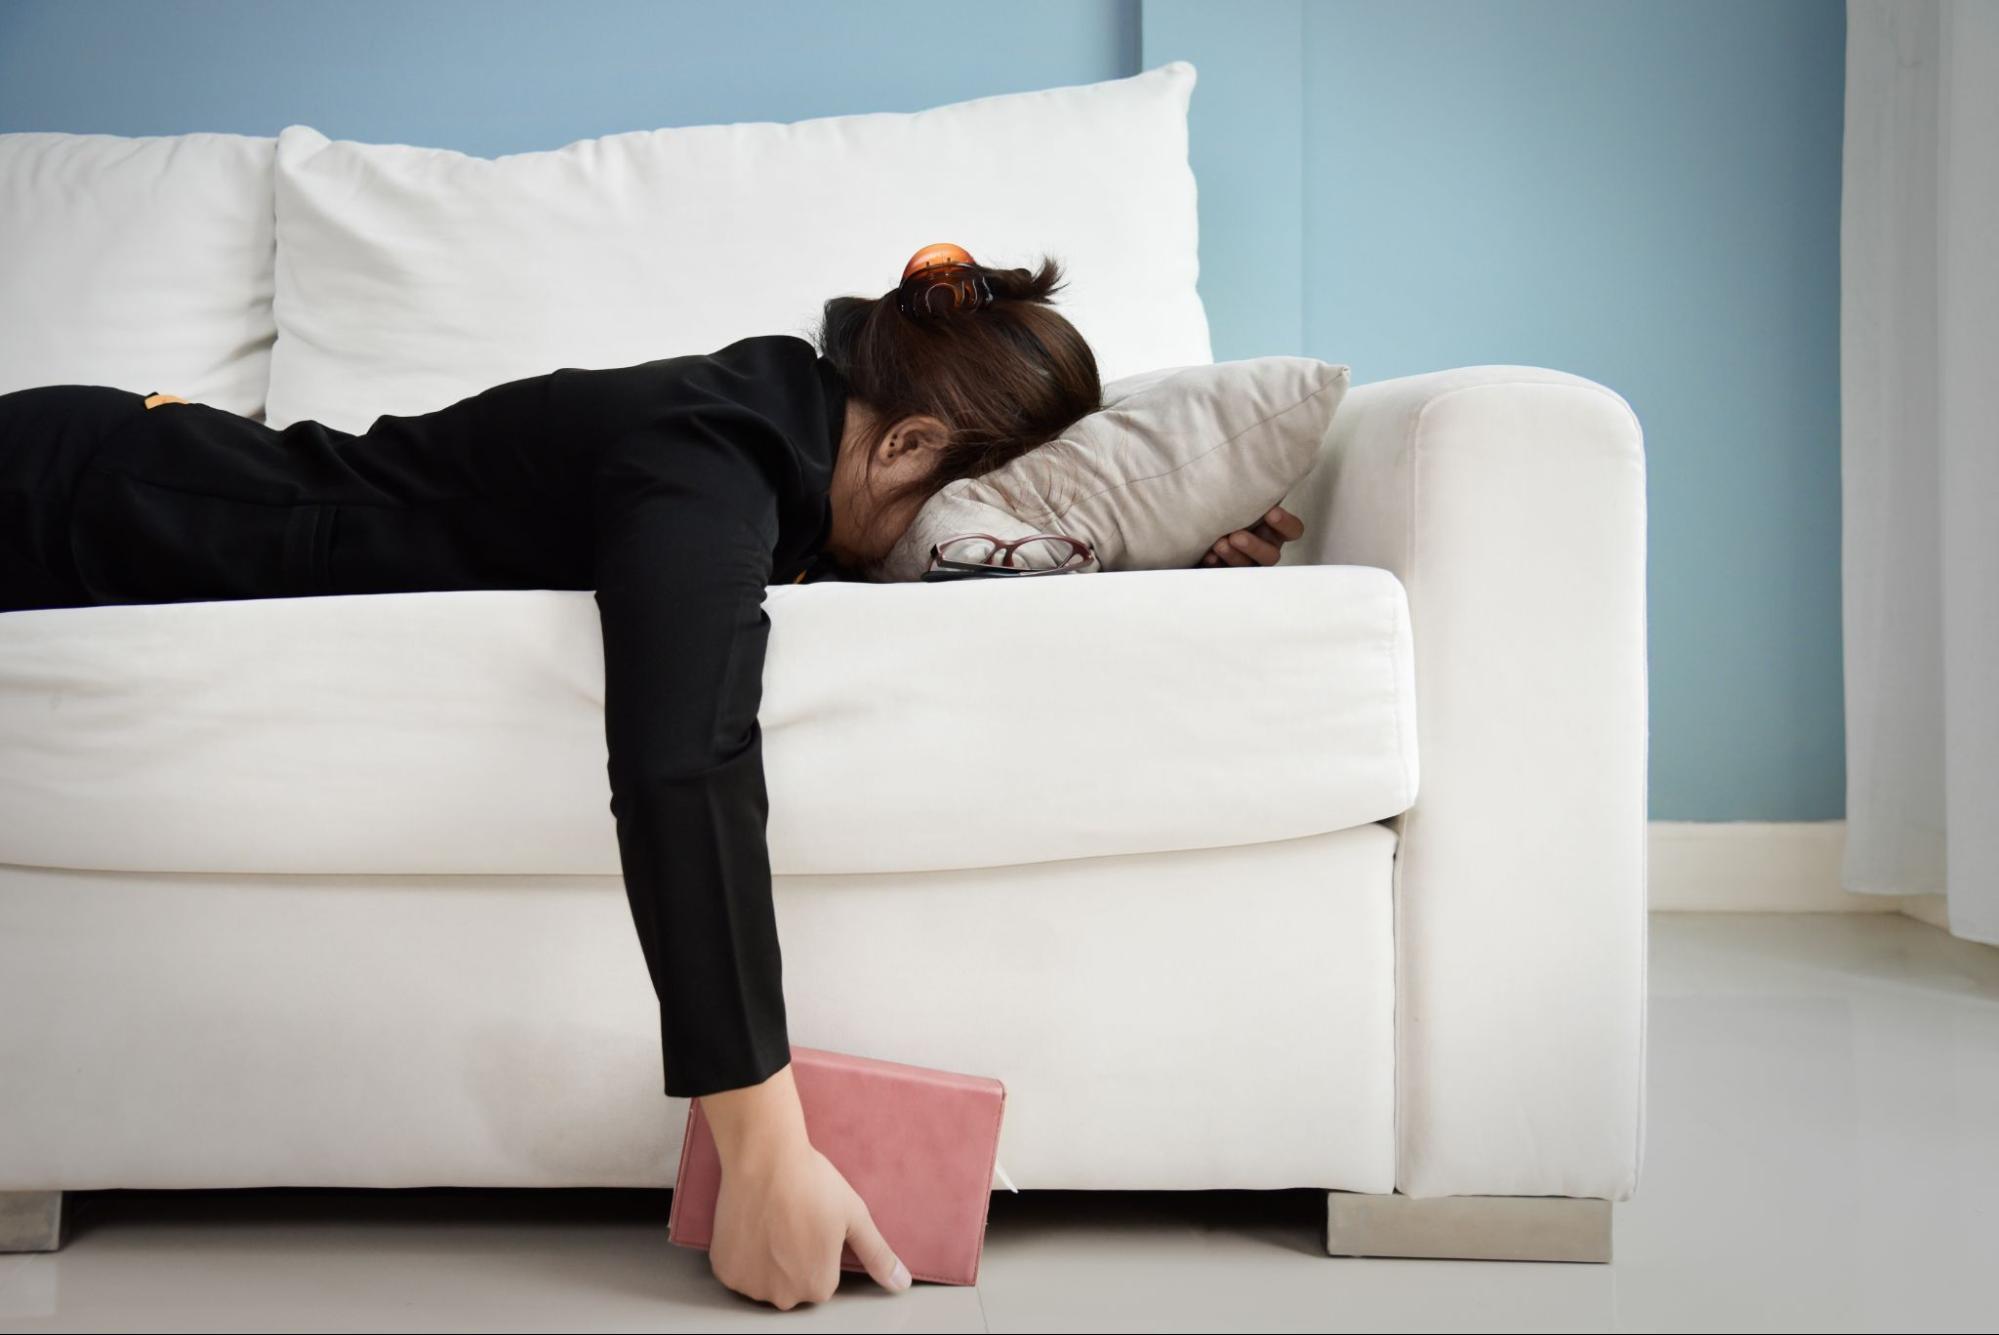 慢性疲勞症候群症狀:睡不飽、肌肉痠痛、注意力不集中